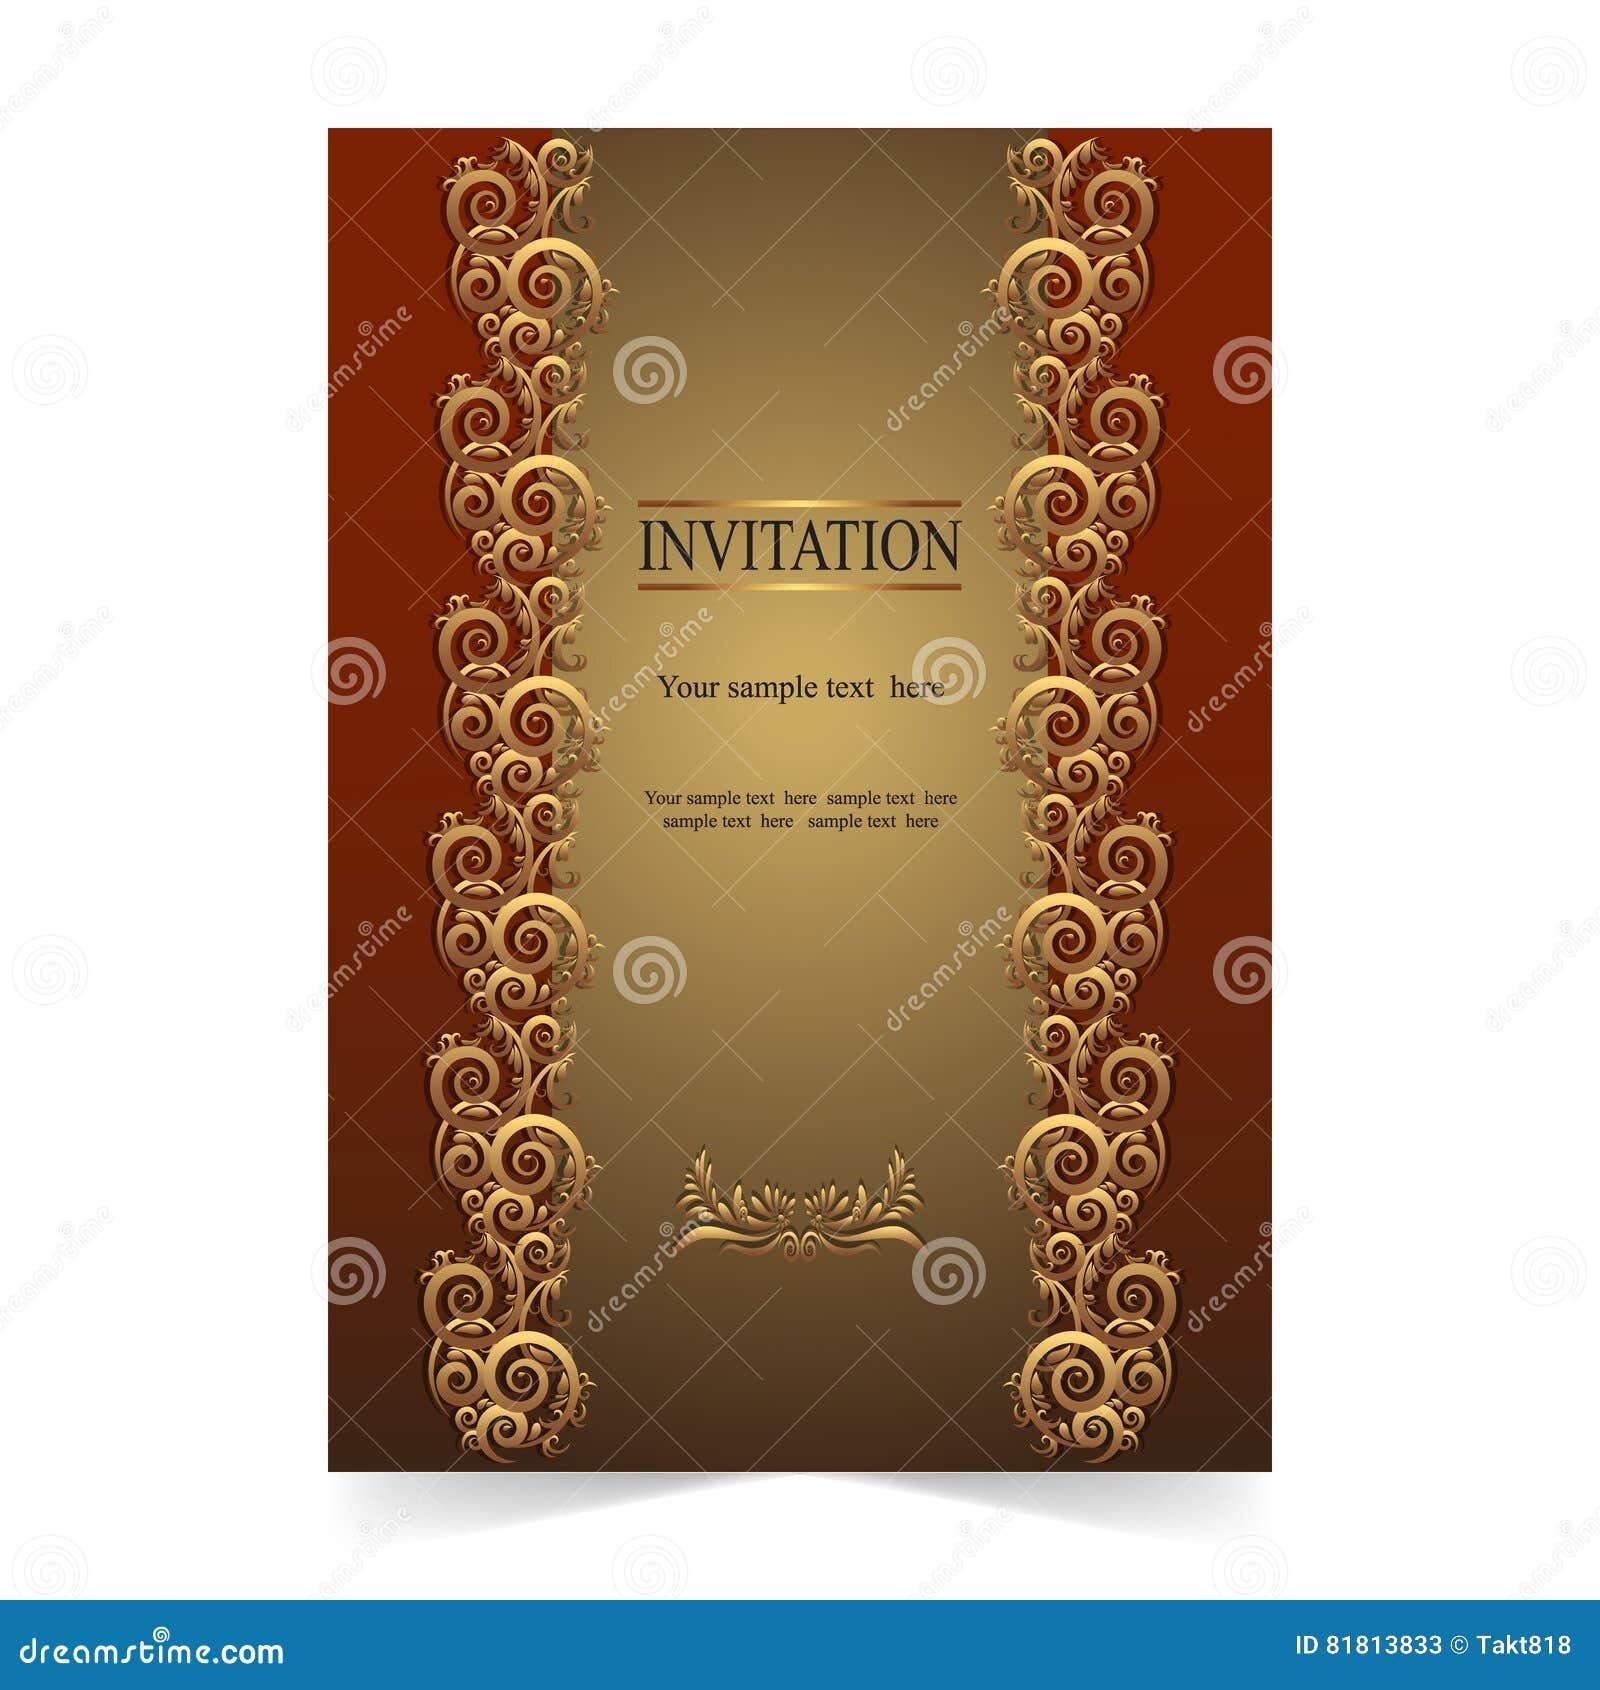 Карточка приглашения, поздравительная открытка, карточка свадьбы с ornamental